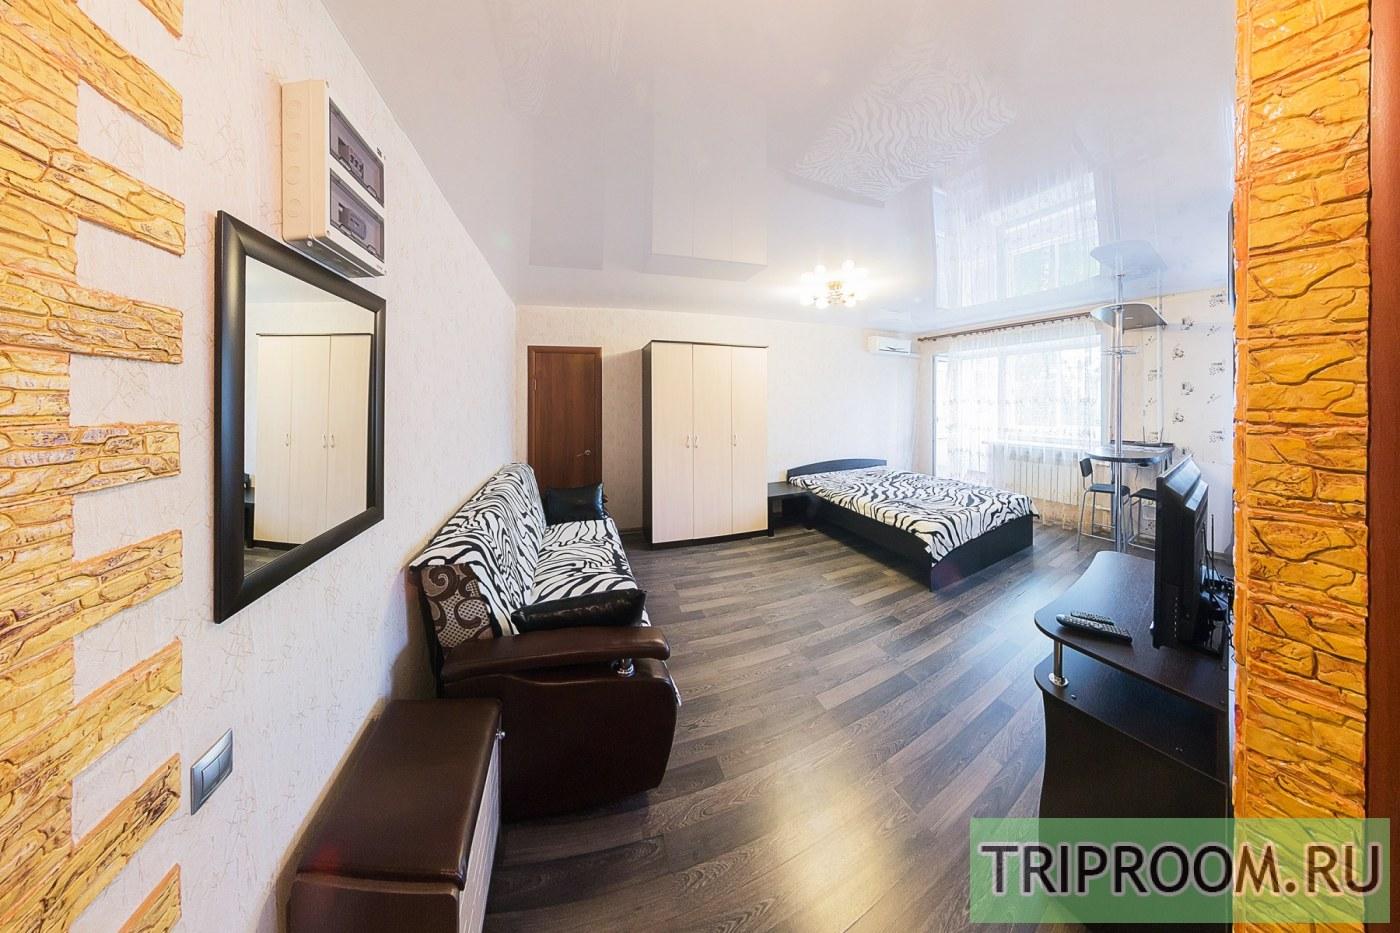 1-комнатная квартира посуточно (вариант № 39190), ул. Ватутина улица, фото № 1